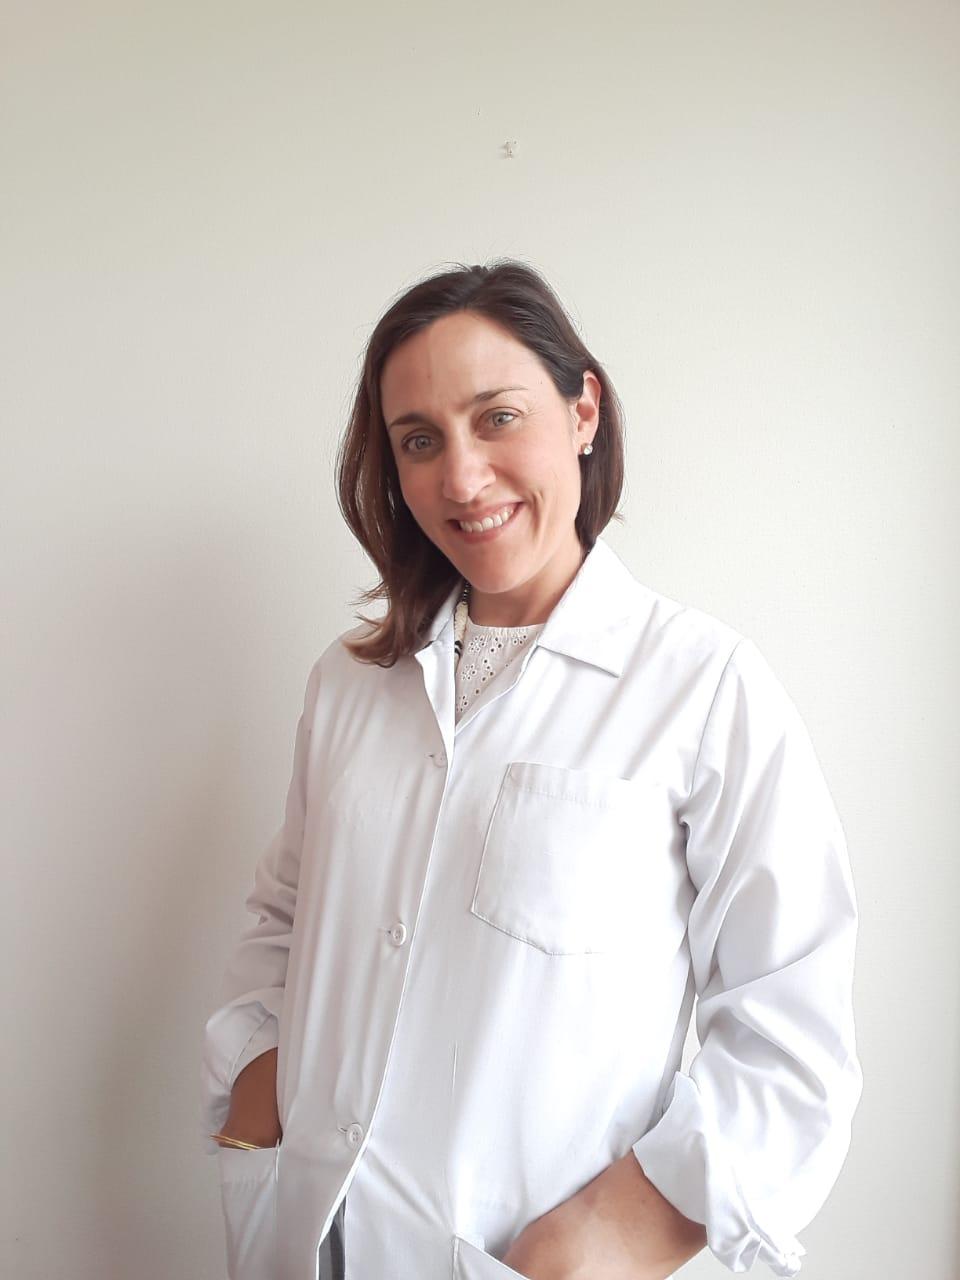 Dra. Agustina Torreguitar Frutos